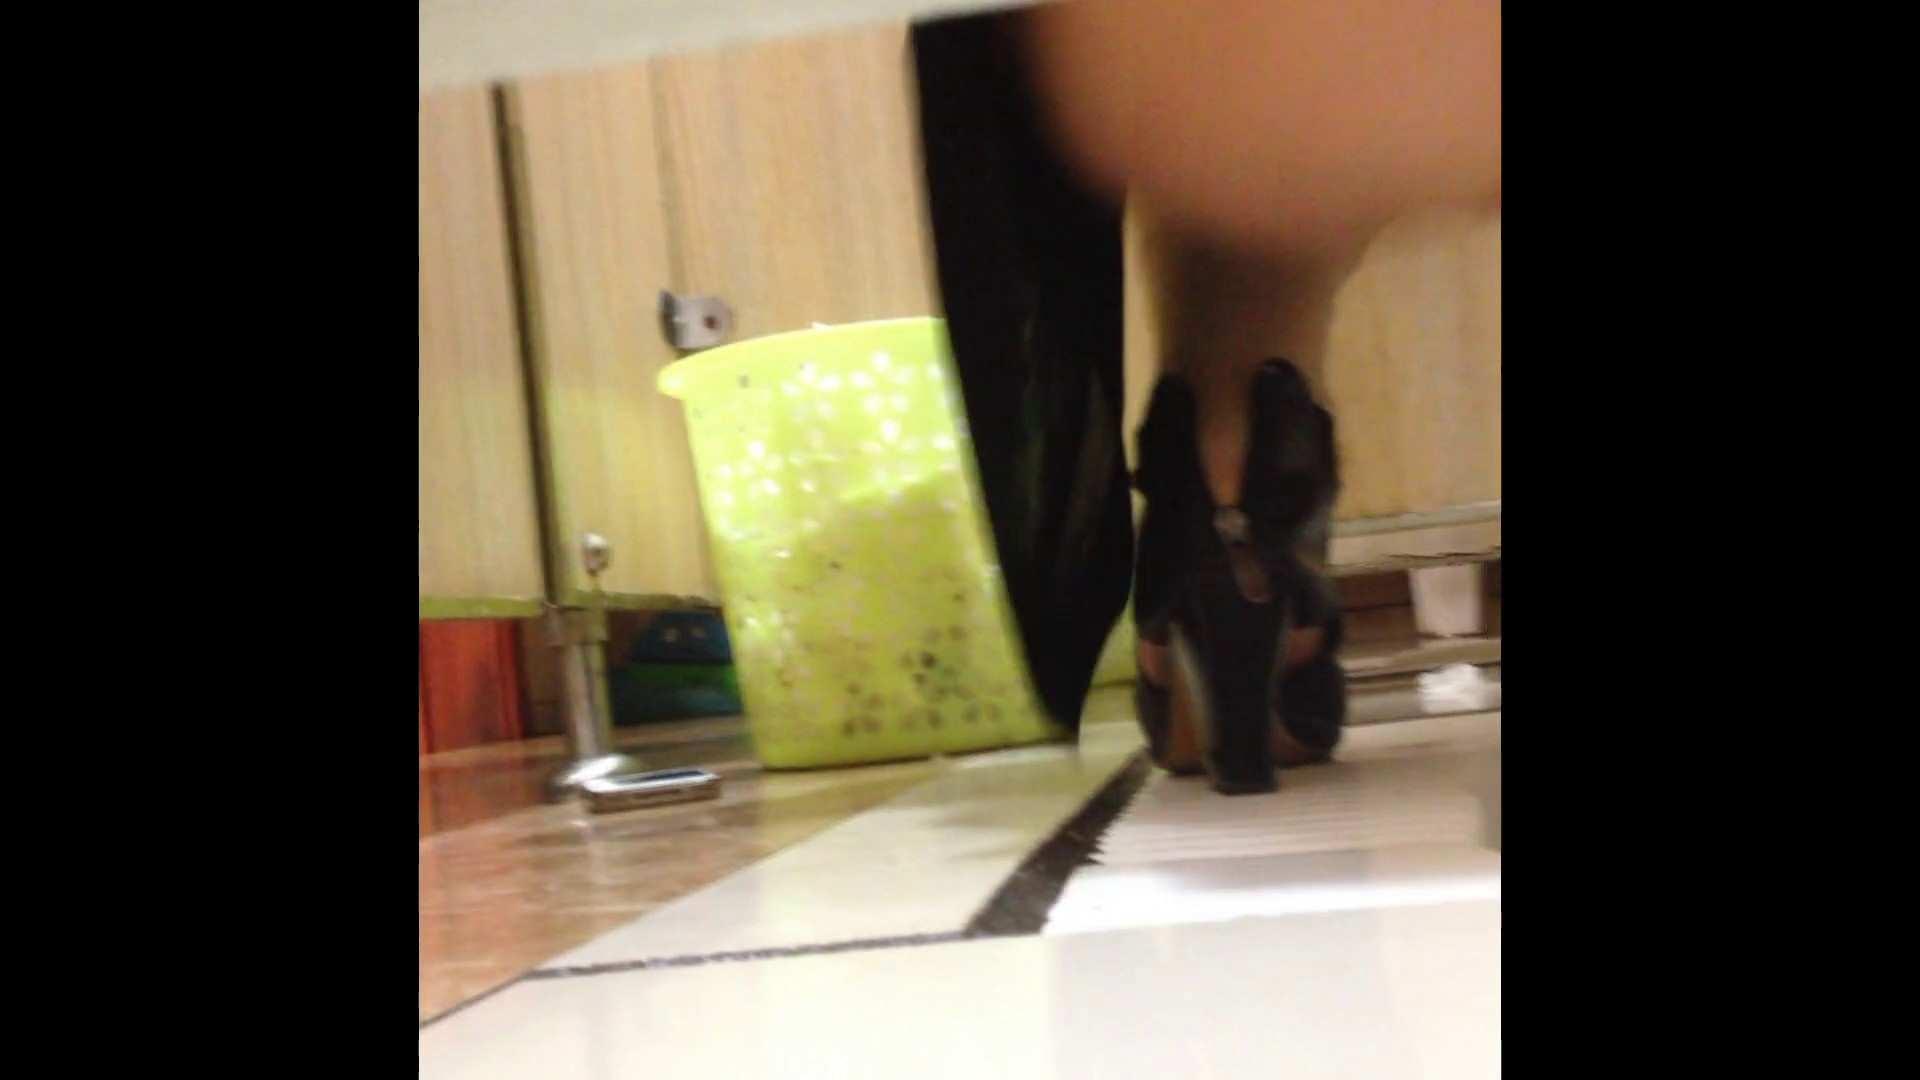 芸術大学ガチ潜入盗撮 JD盗撮 美女の洗面所の秘密 Vol.86 OLハメ撮り  58Pix 40